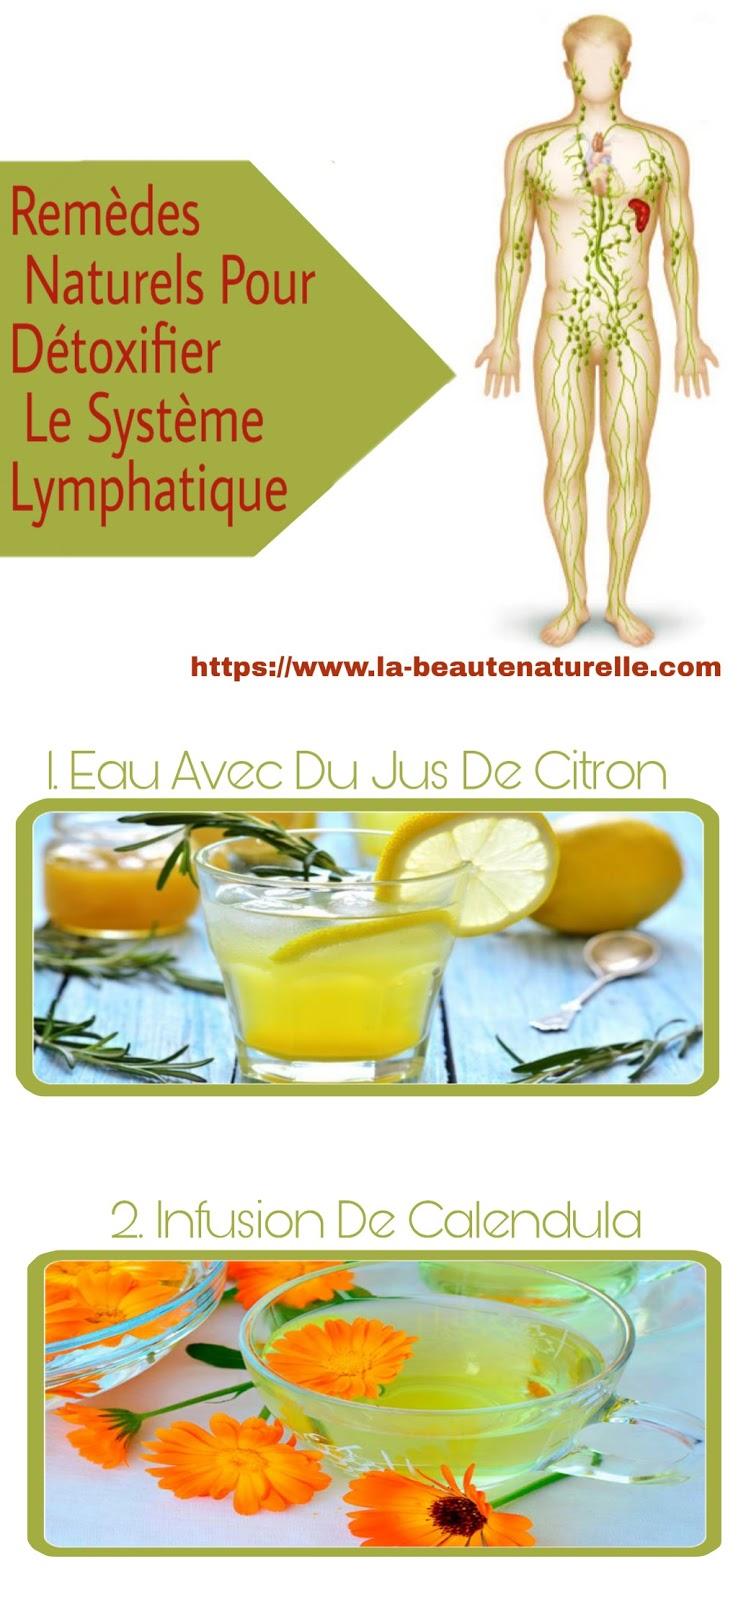 Remèdes Naturels Pour Détoxifier Le Système Lymphatique